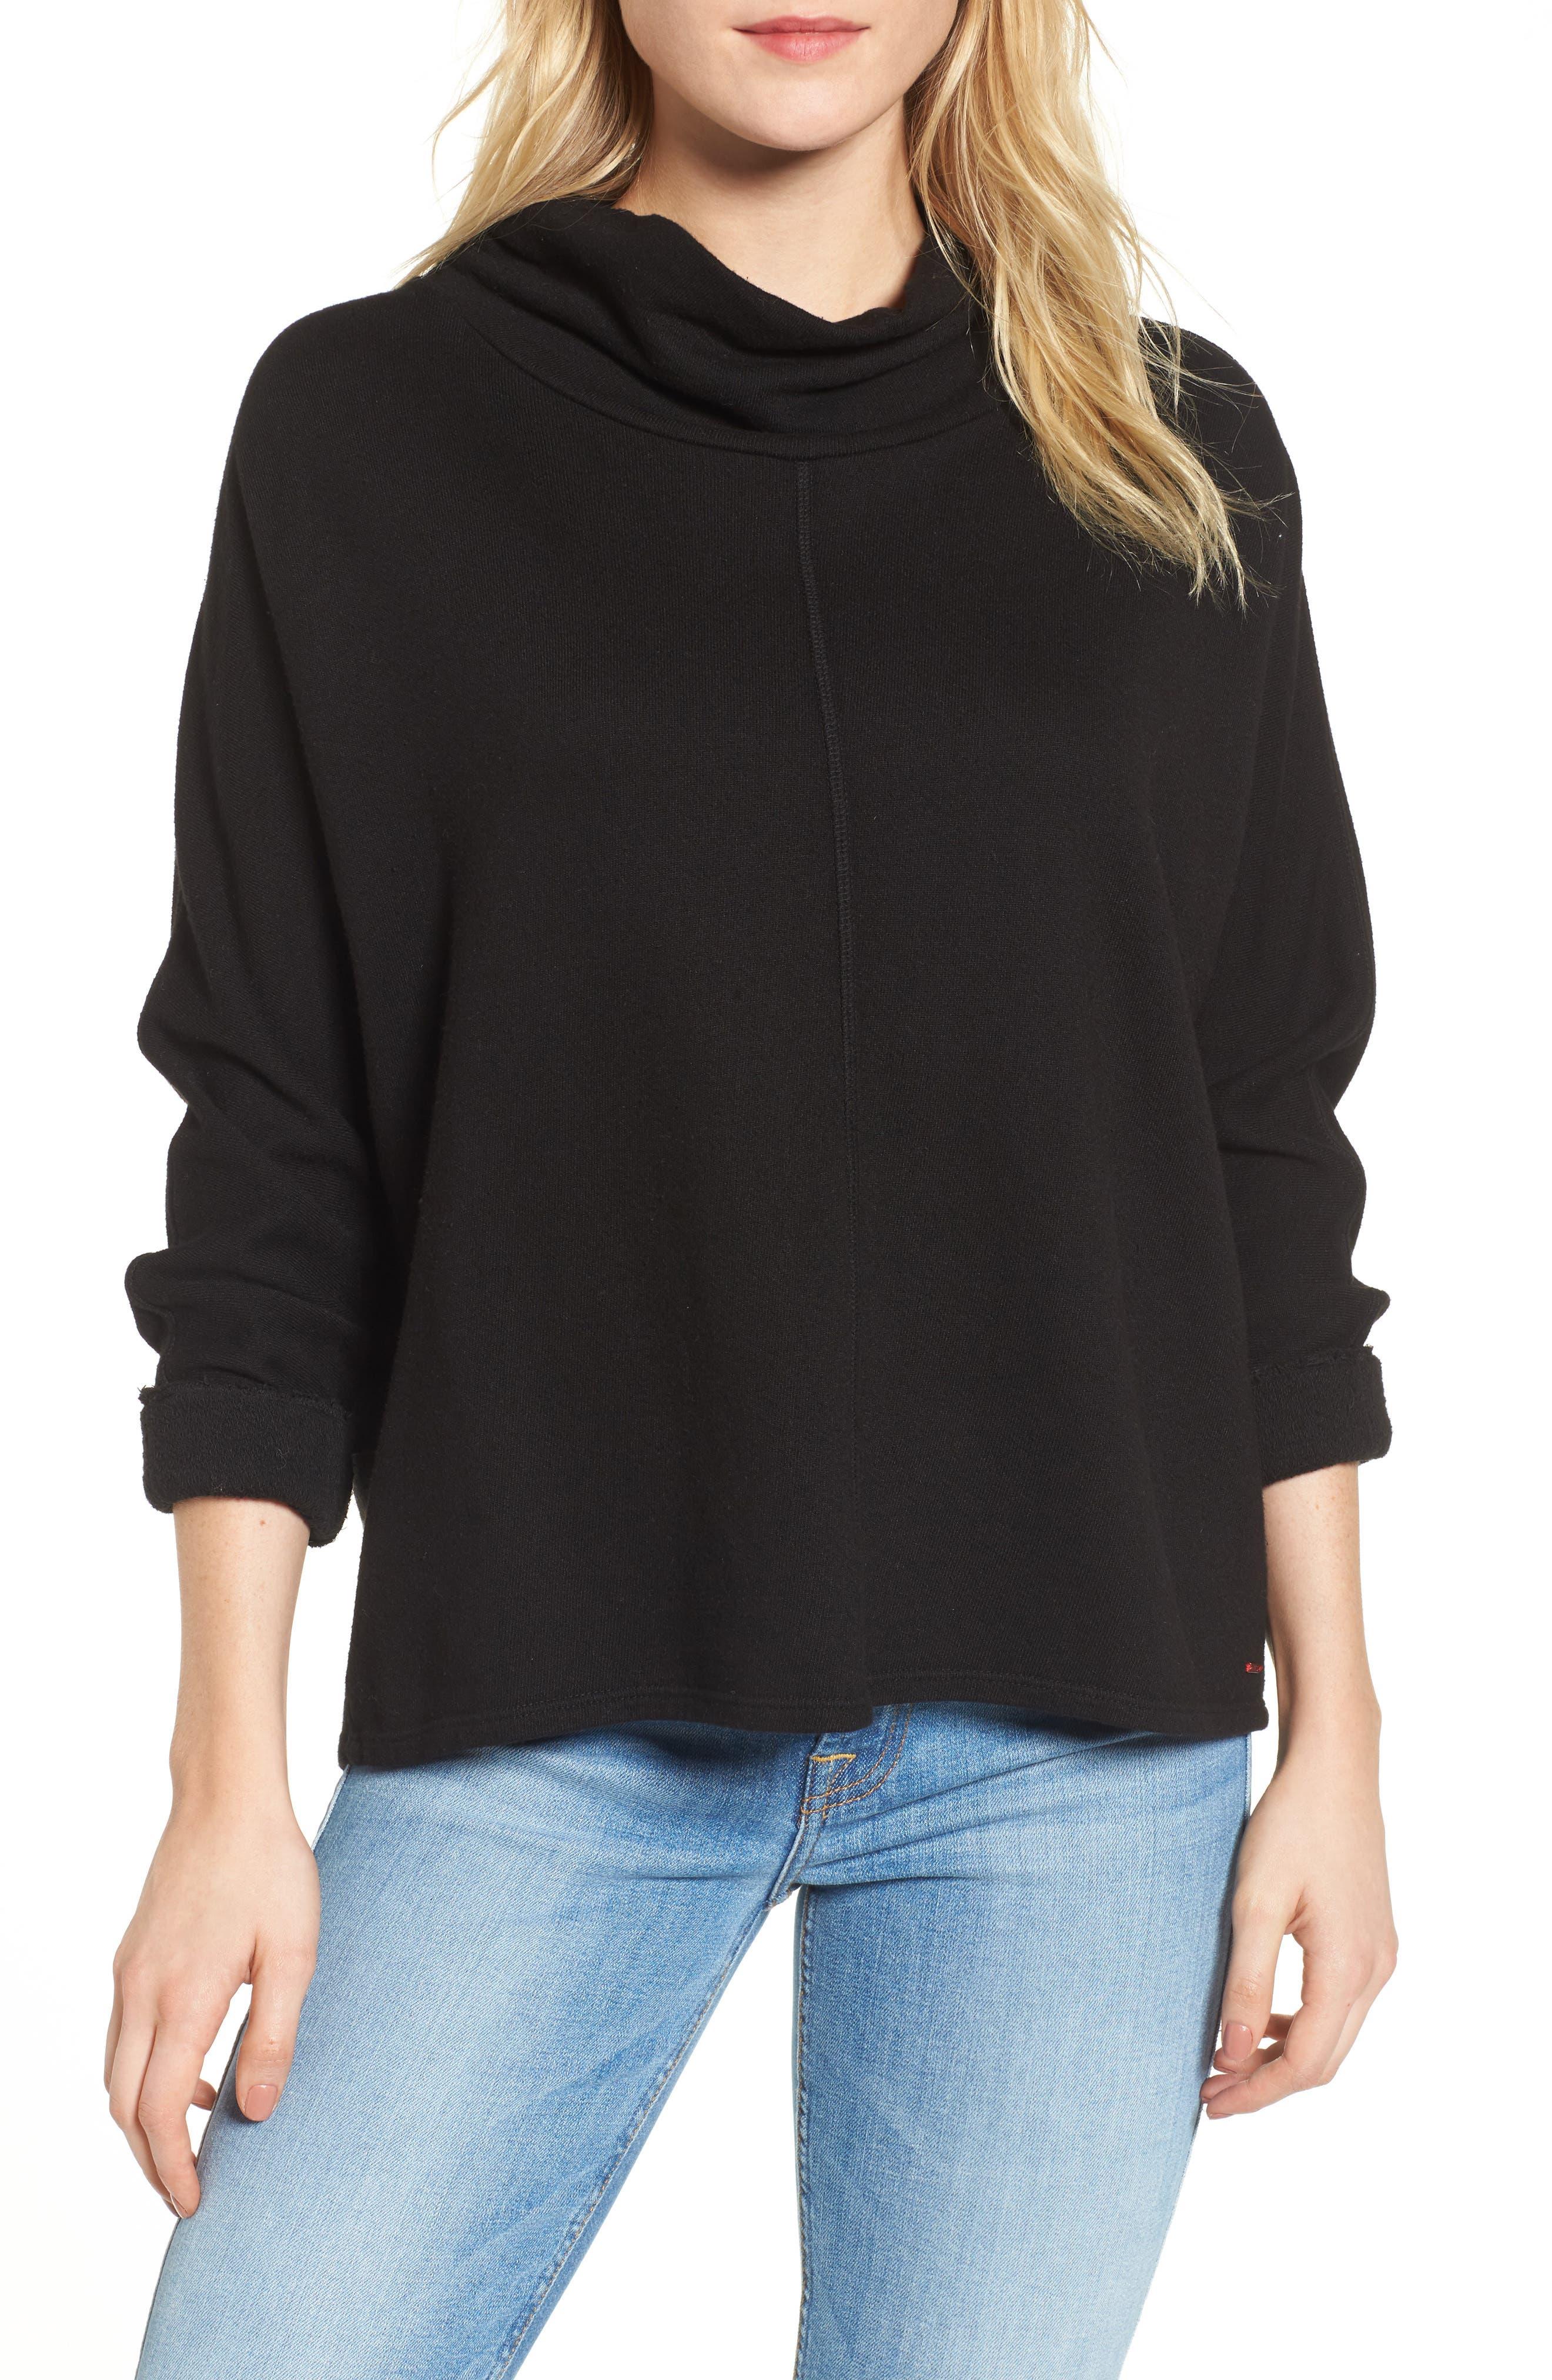 Helix Turtleneck Sweatshirt,                         Main,                         color, Black Cat